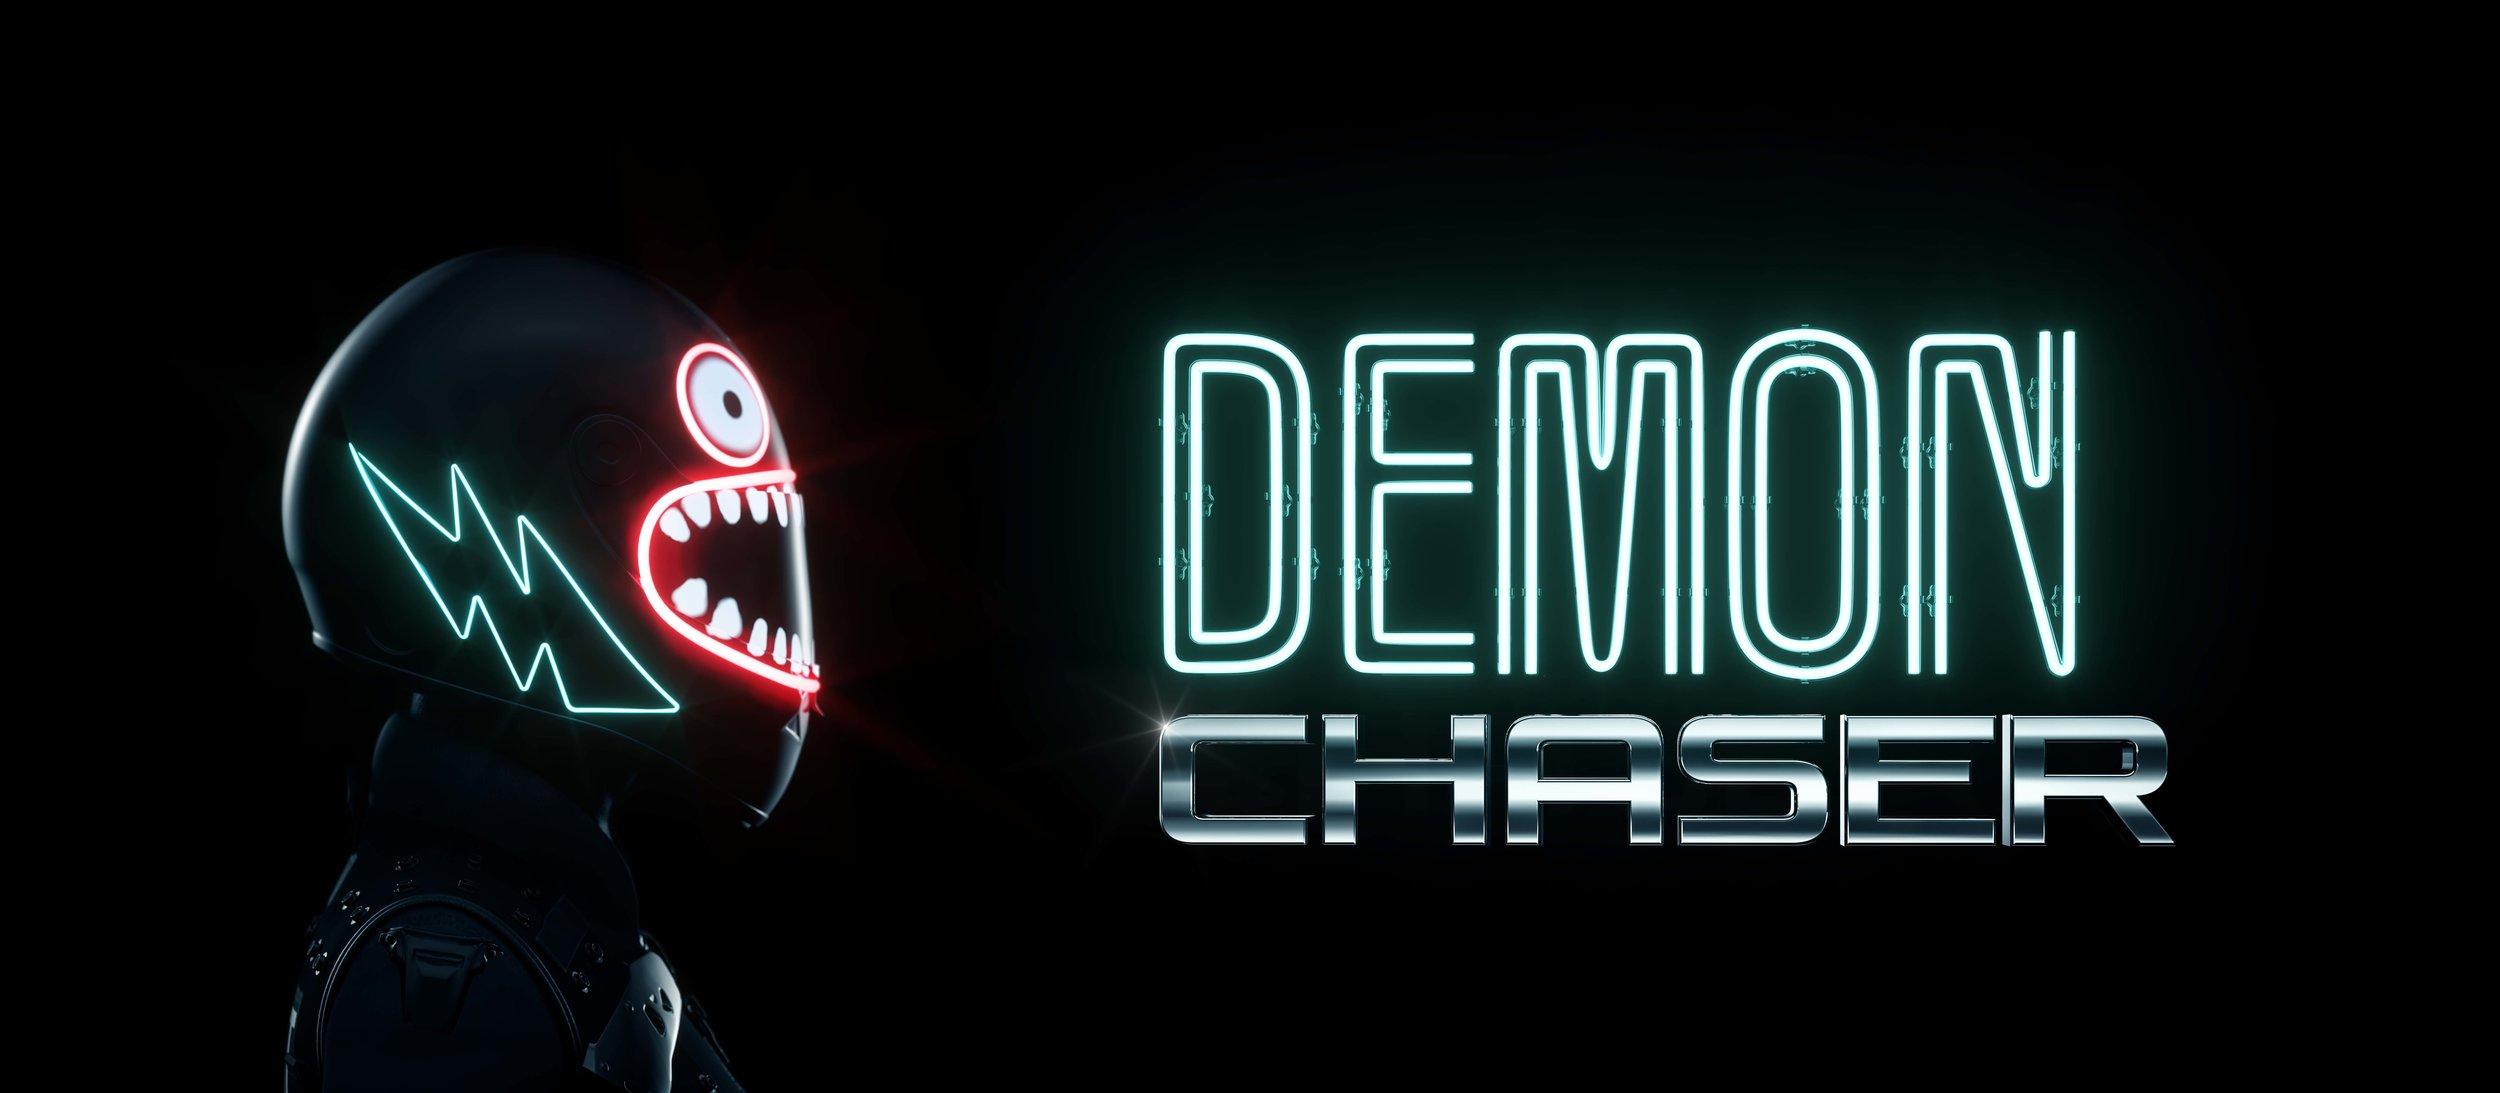 Jaguar Demon Chaser.jpg